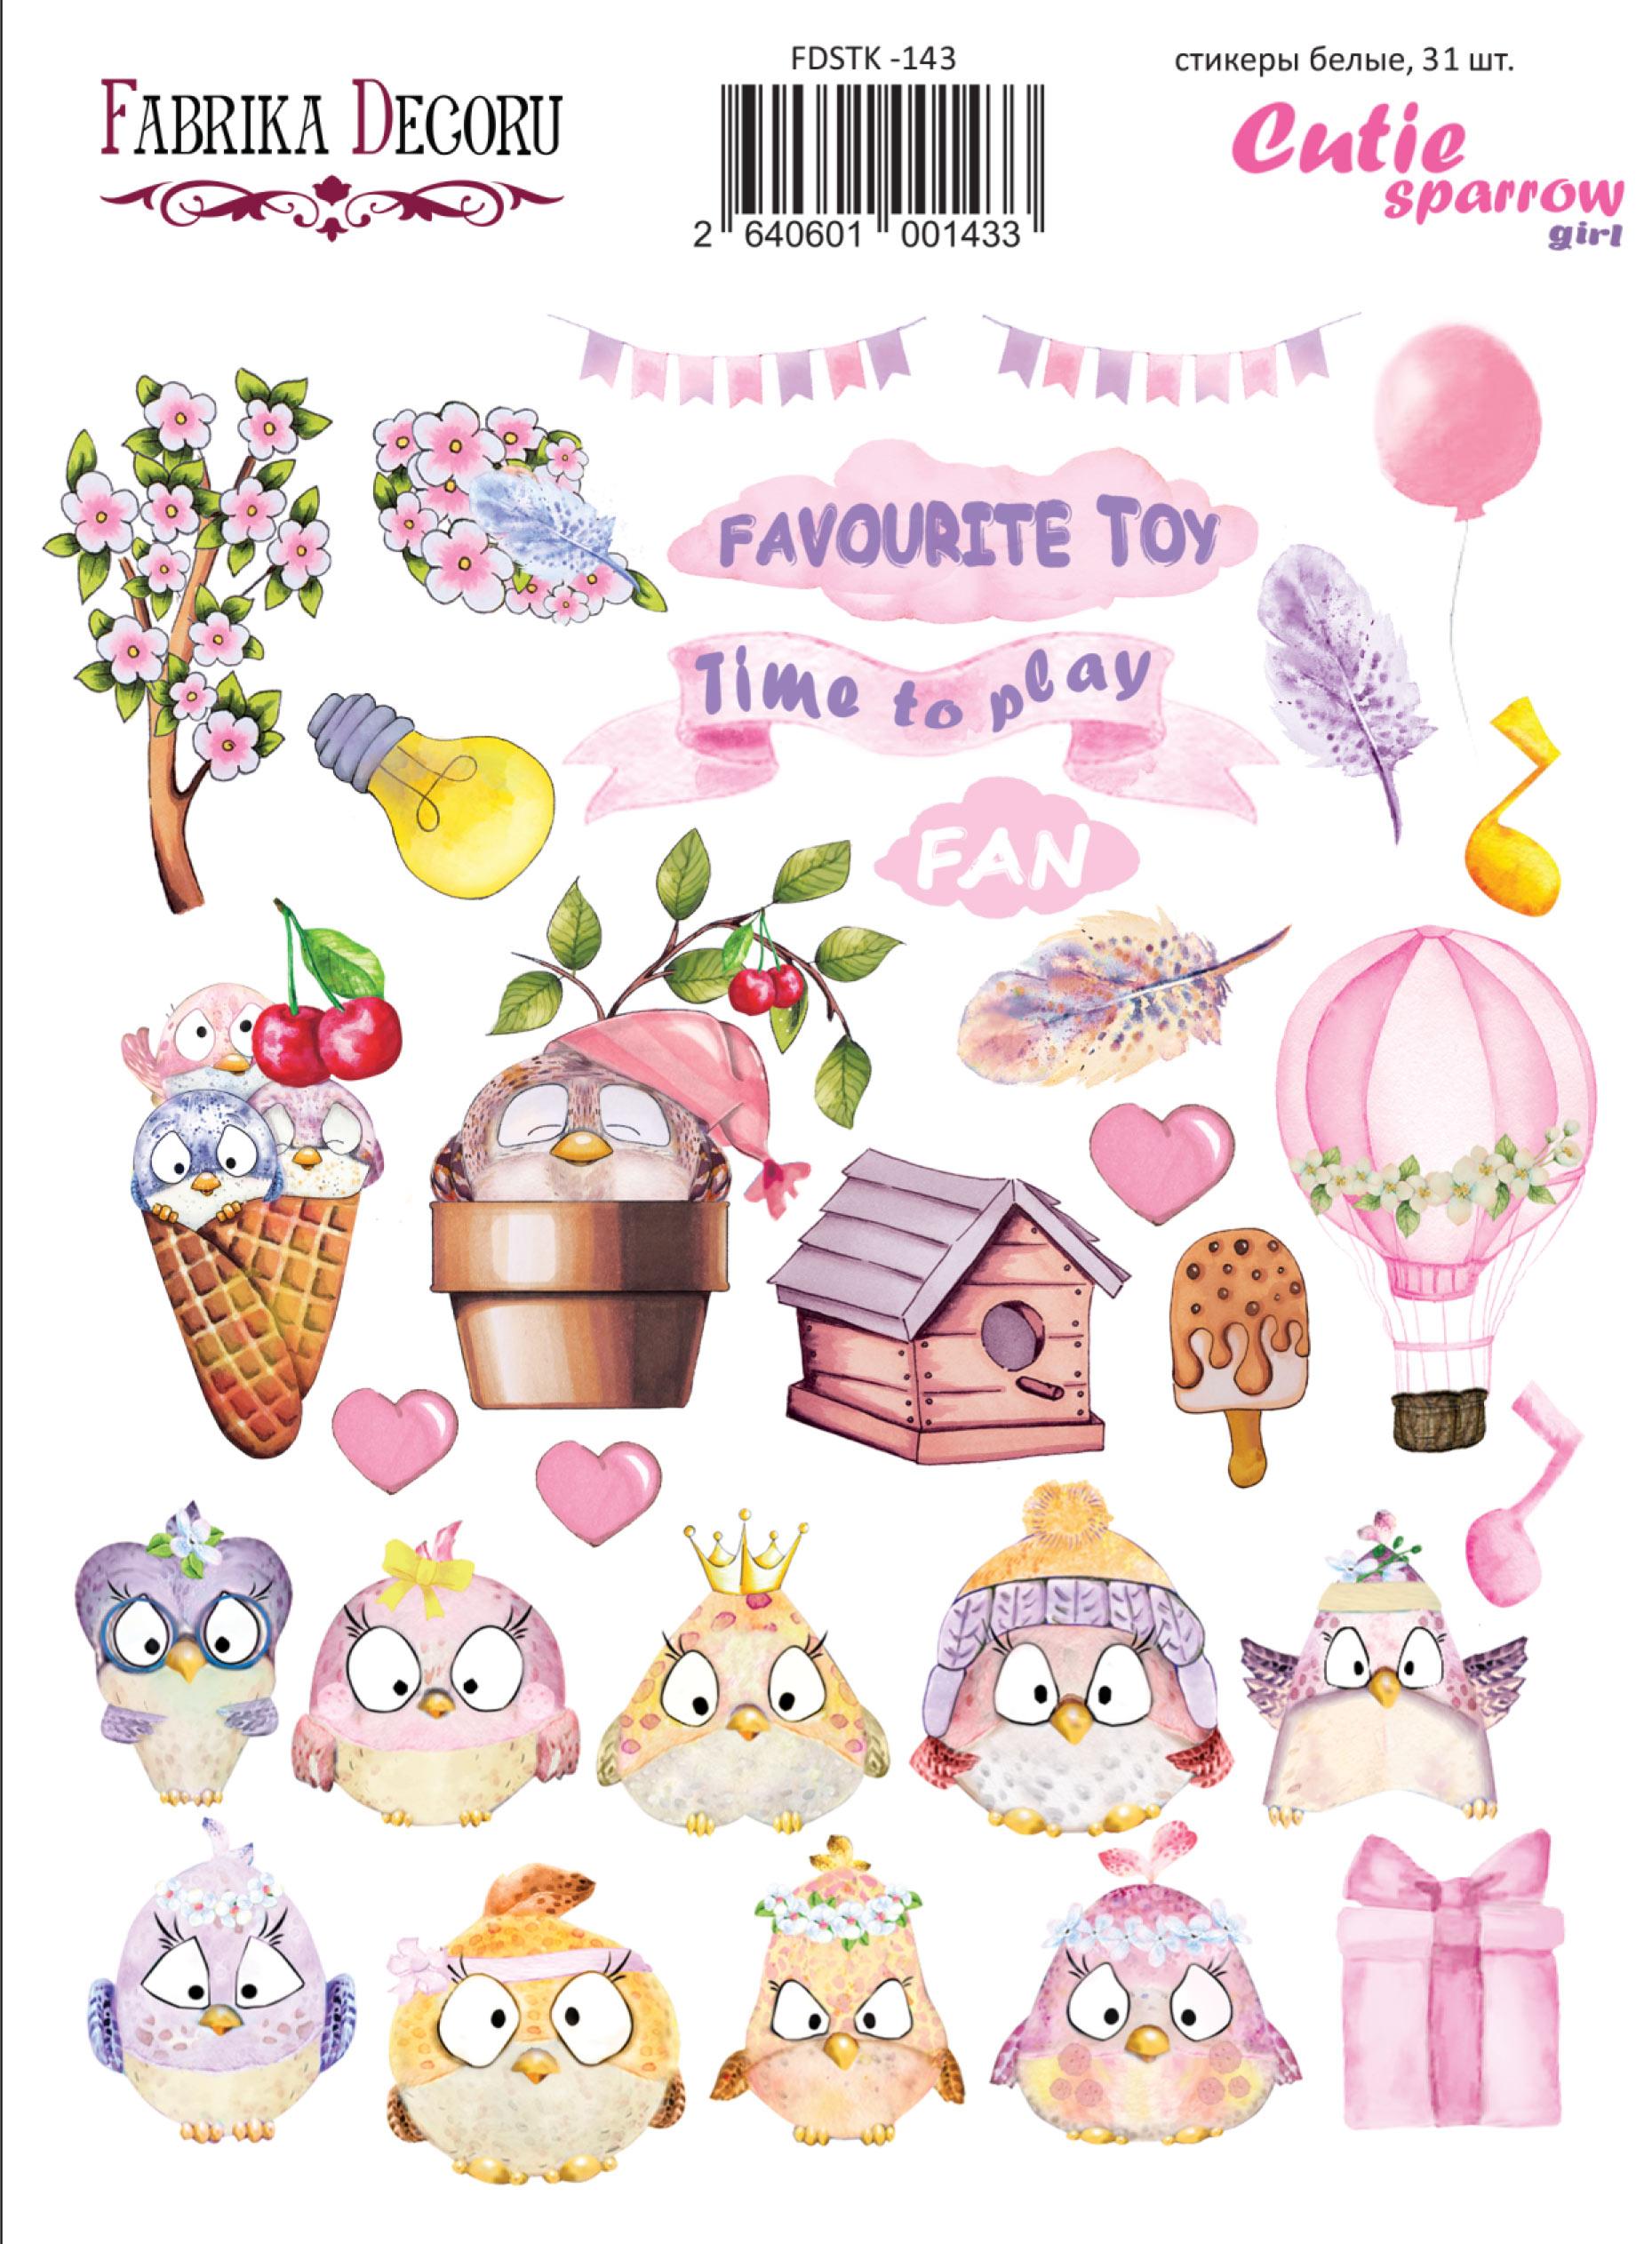 набор наклеек (стикеров) 31 шт cutie sparrow girl #143 для ежедневника, ноутбука, блокнота и альбома купить дешево оптом и в розницу в магазине фабрика декору украина